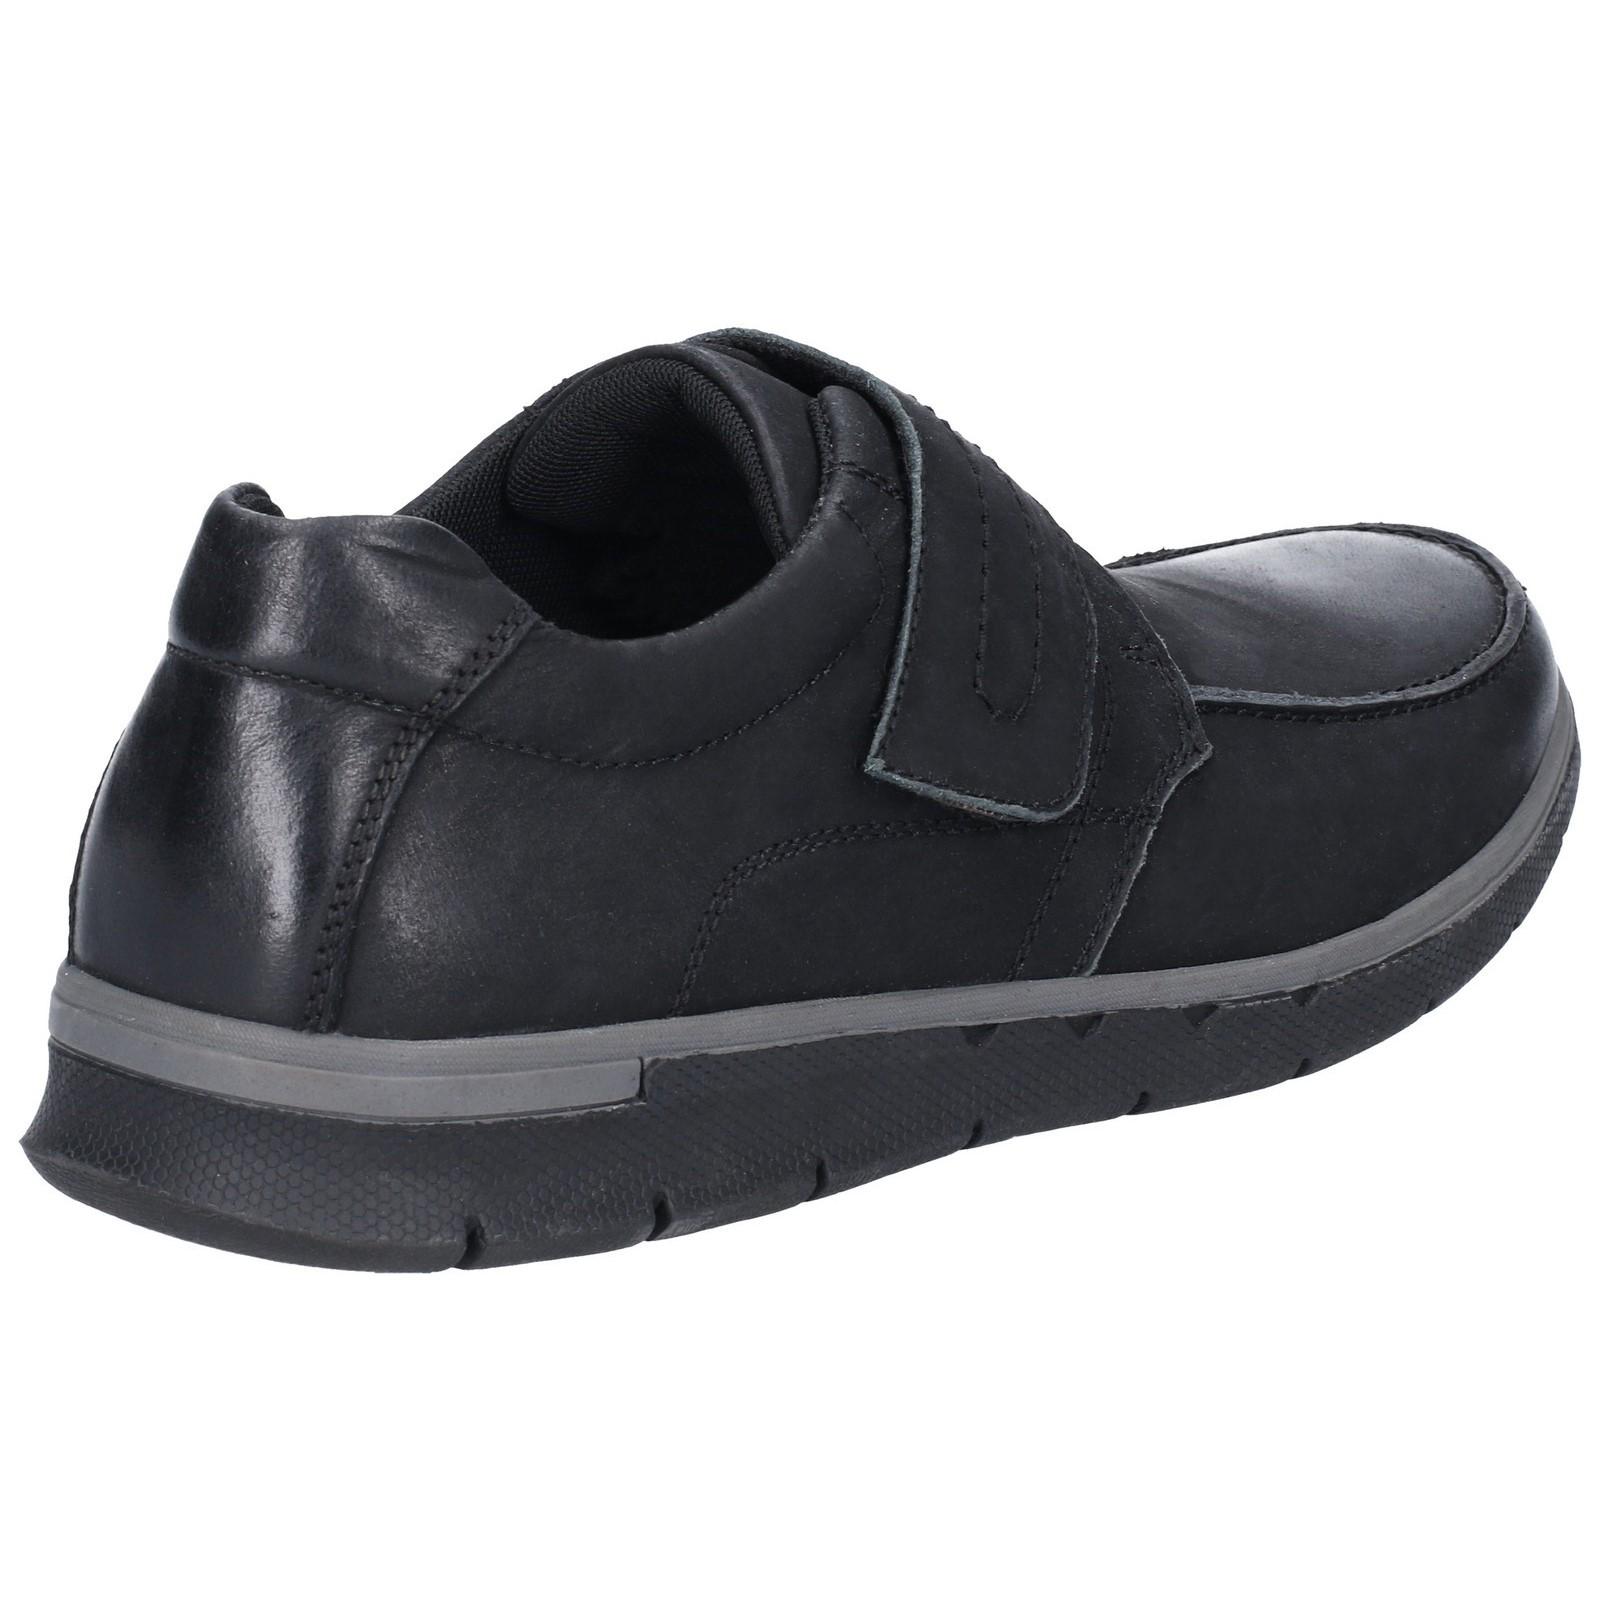 Hush Puppies Duke Duke Duke Herren Klettverschluss Schuh  | Qualität und Quantität garantiert  4100c0